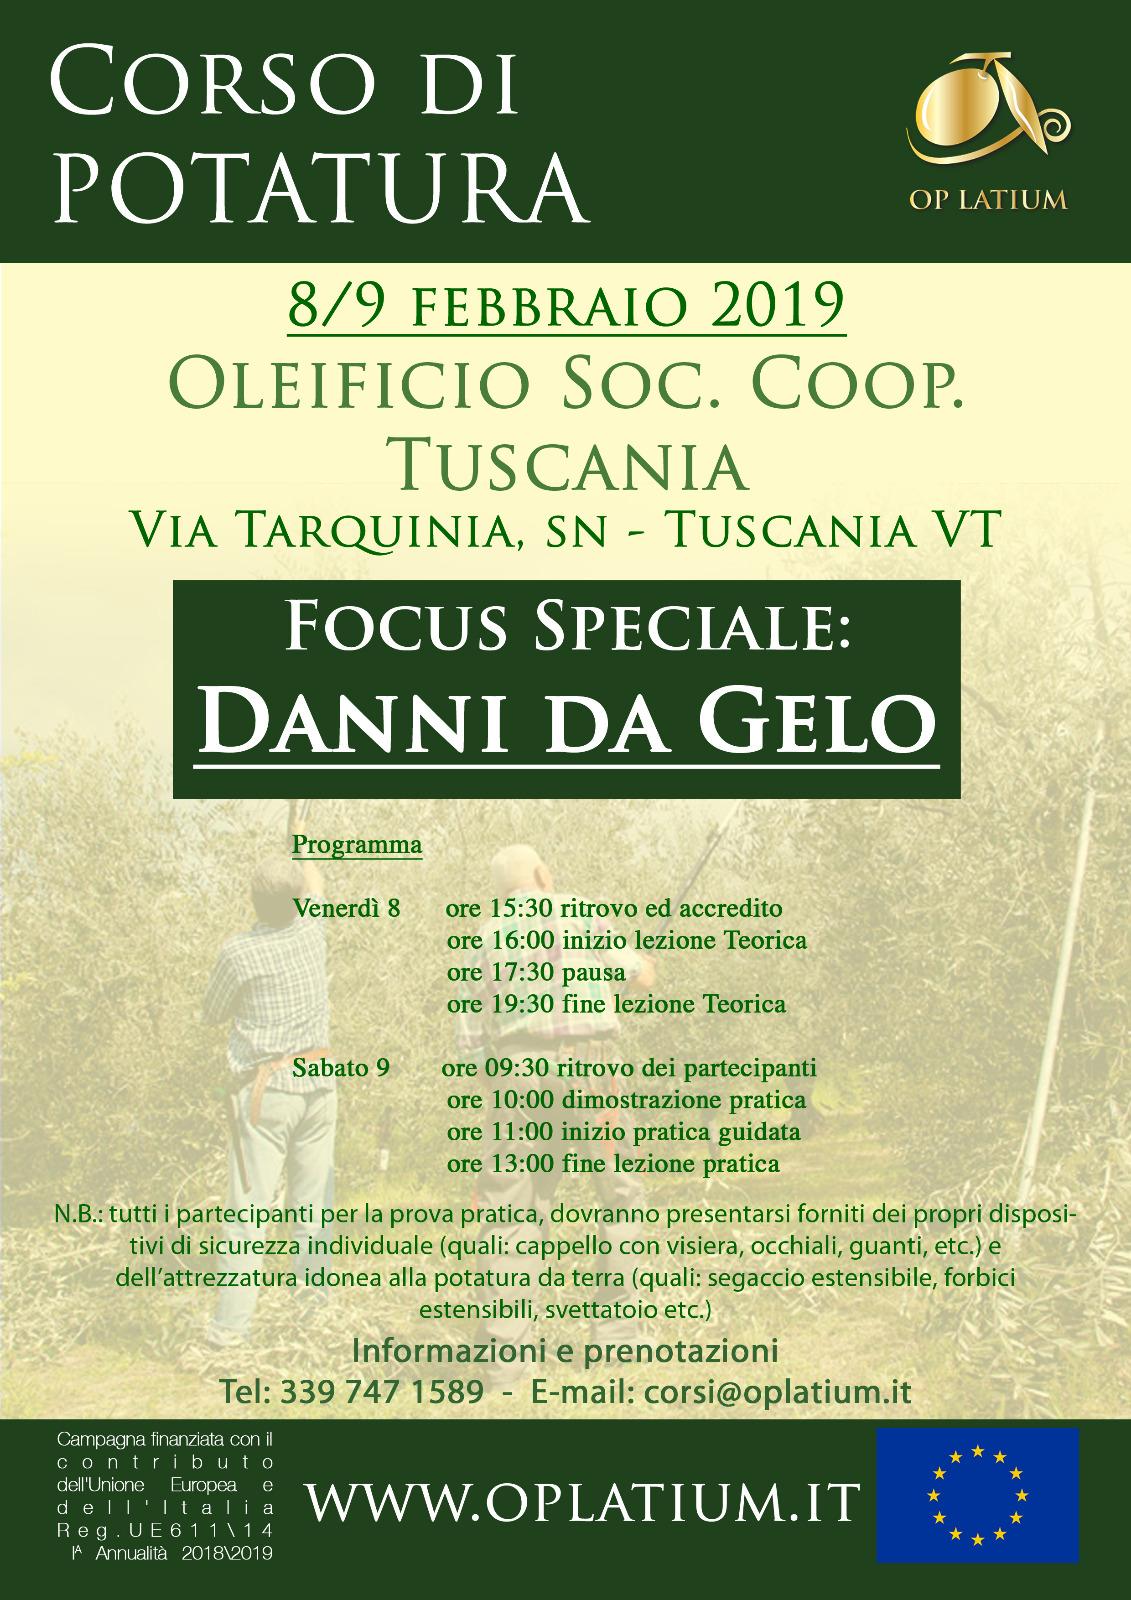 Corso di potatura dell'olivo a Tuscania (VT) 8 e 9 febbraio 2019. Focus speciale danni da gelo.